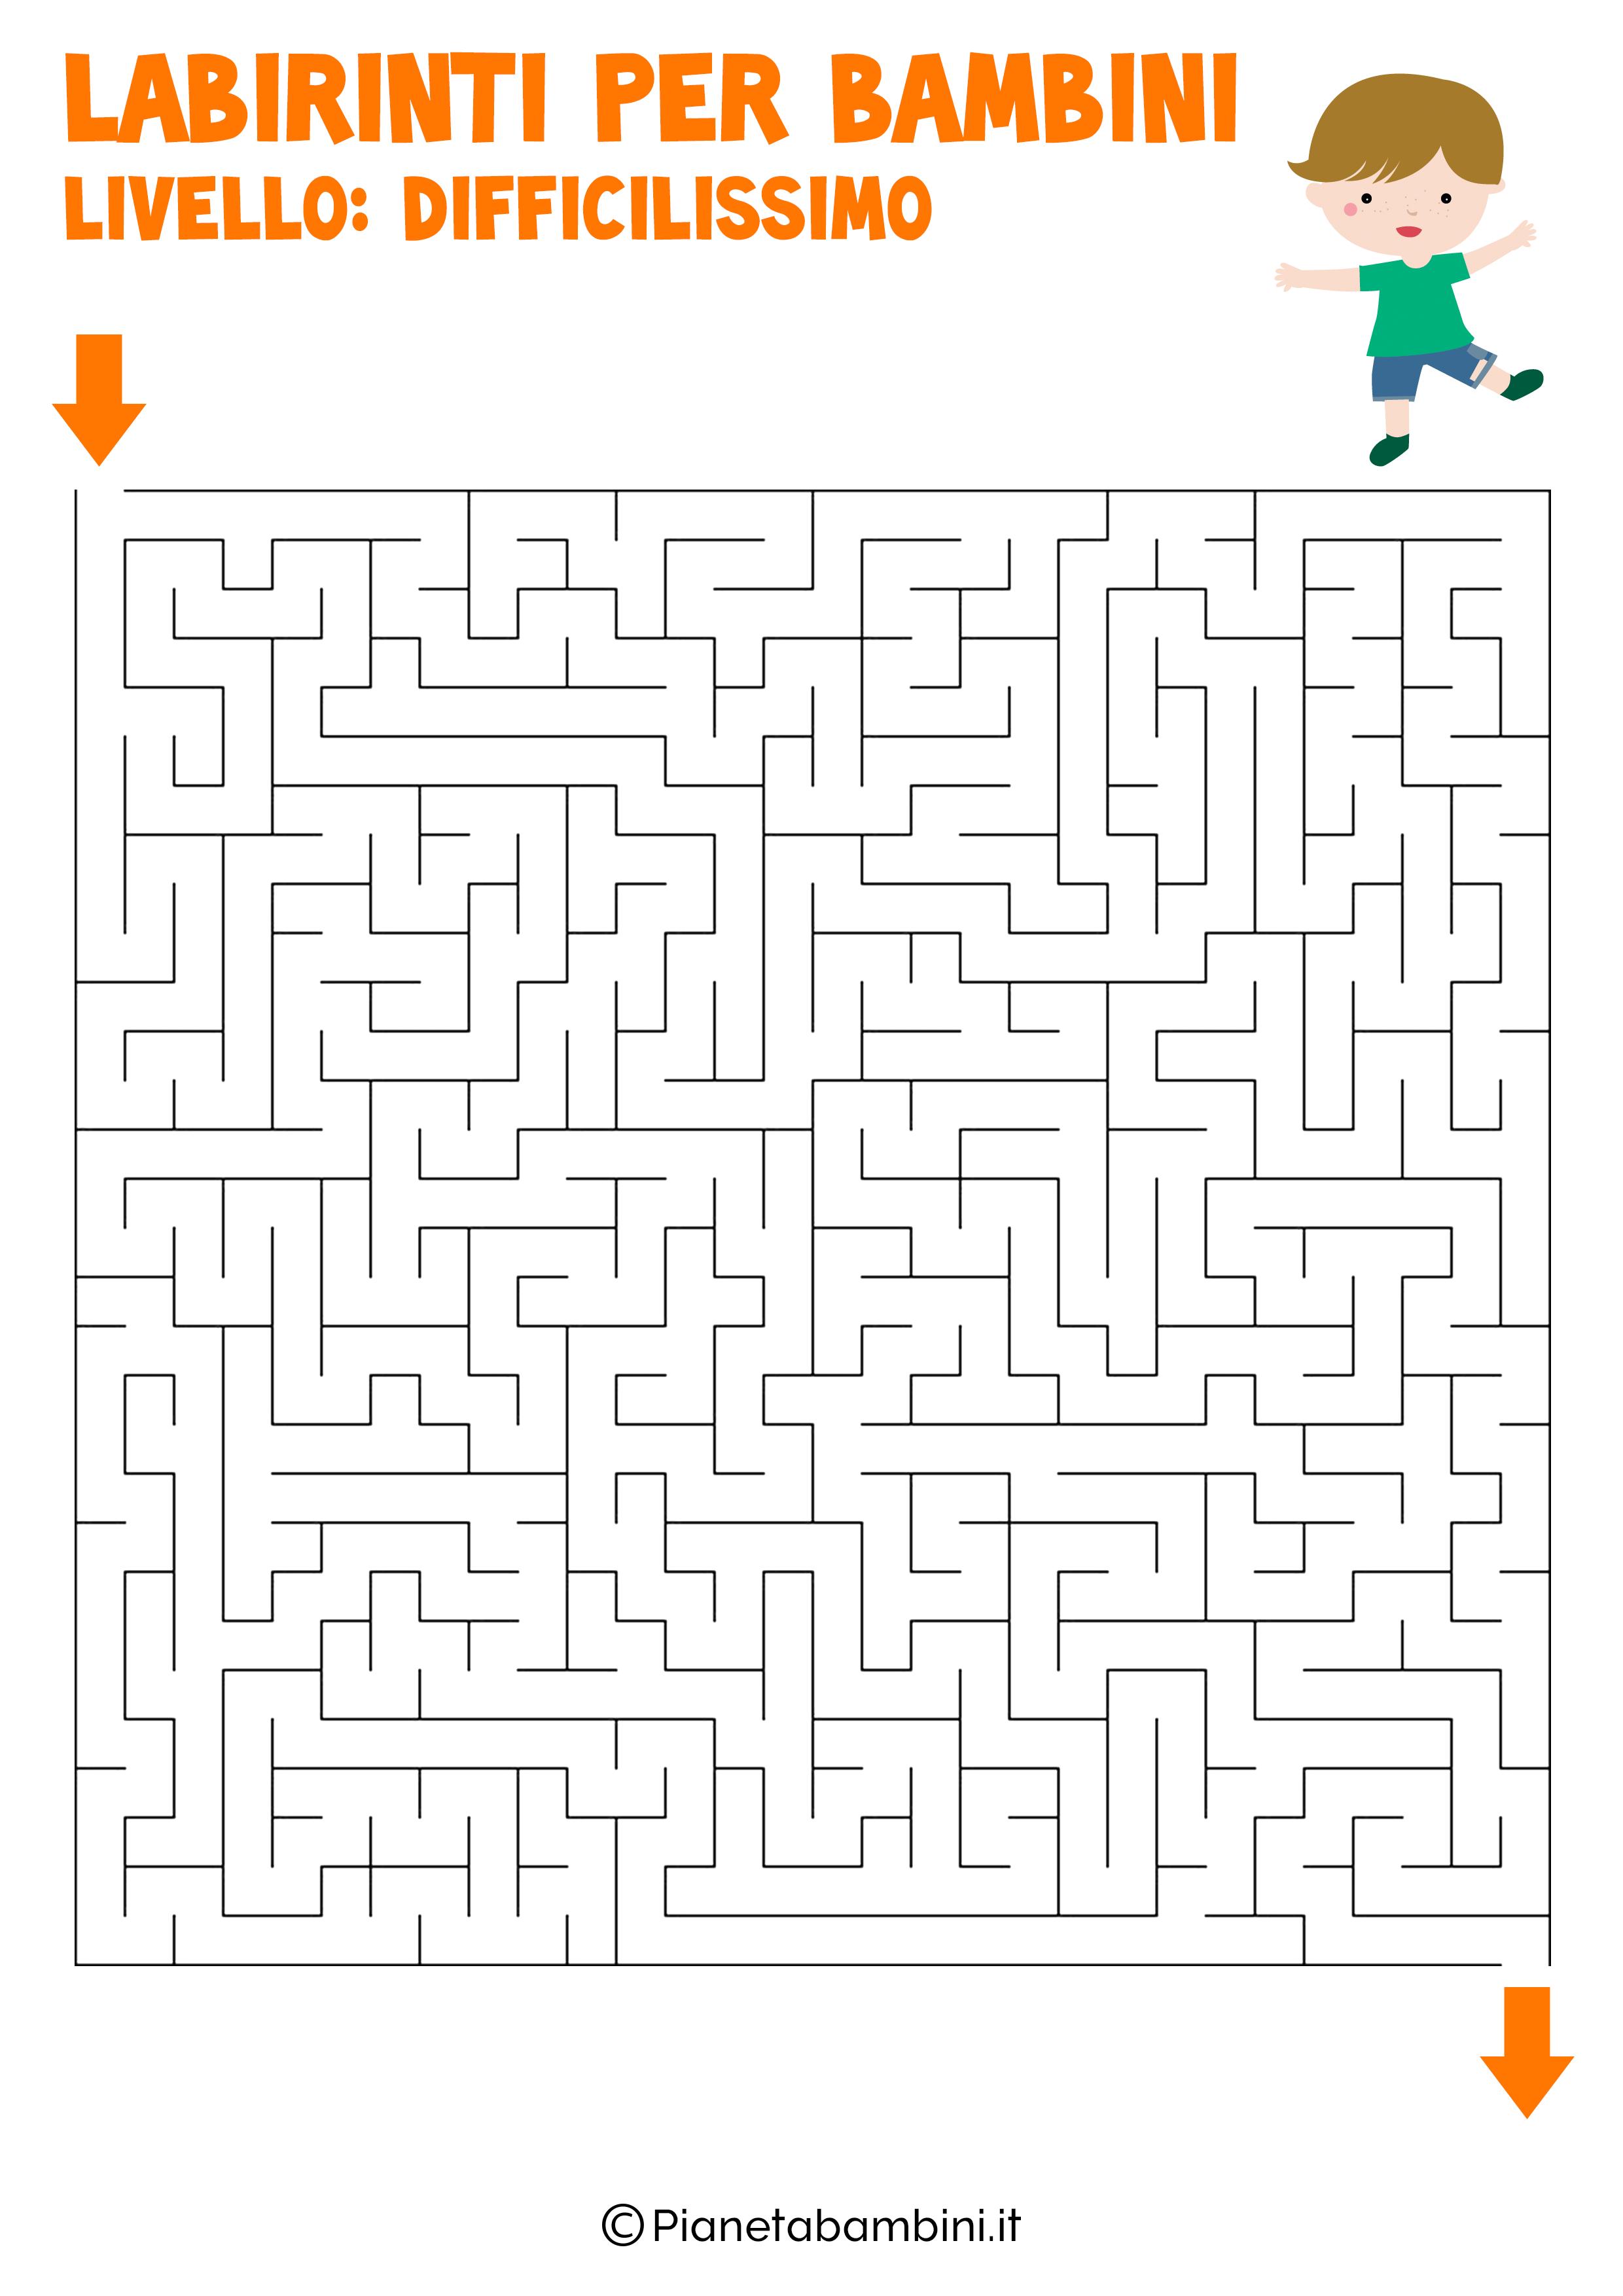 Labirinti-Difficilissimi-Bambini-04